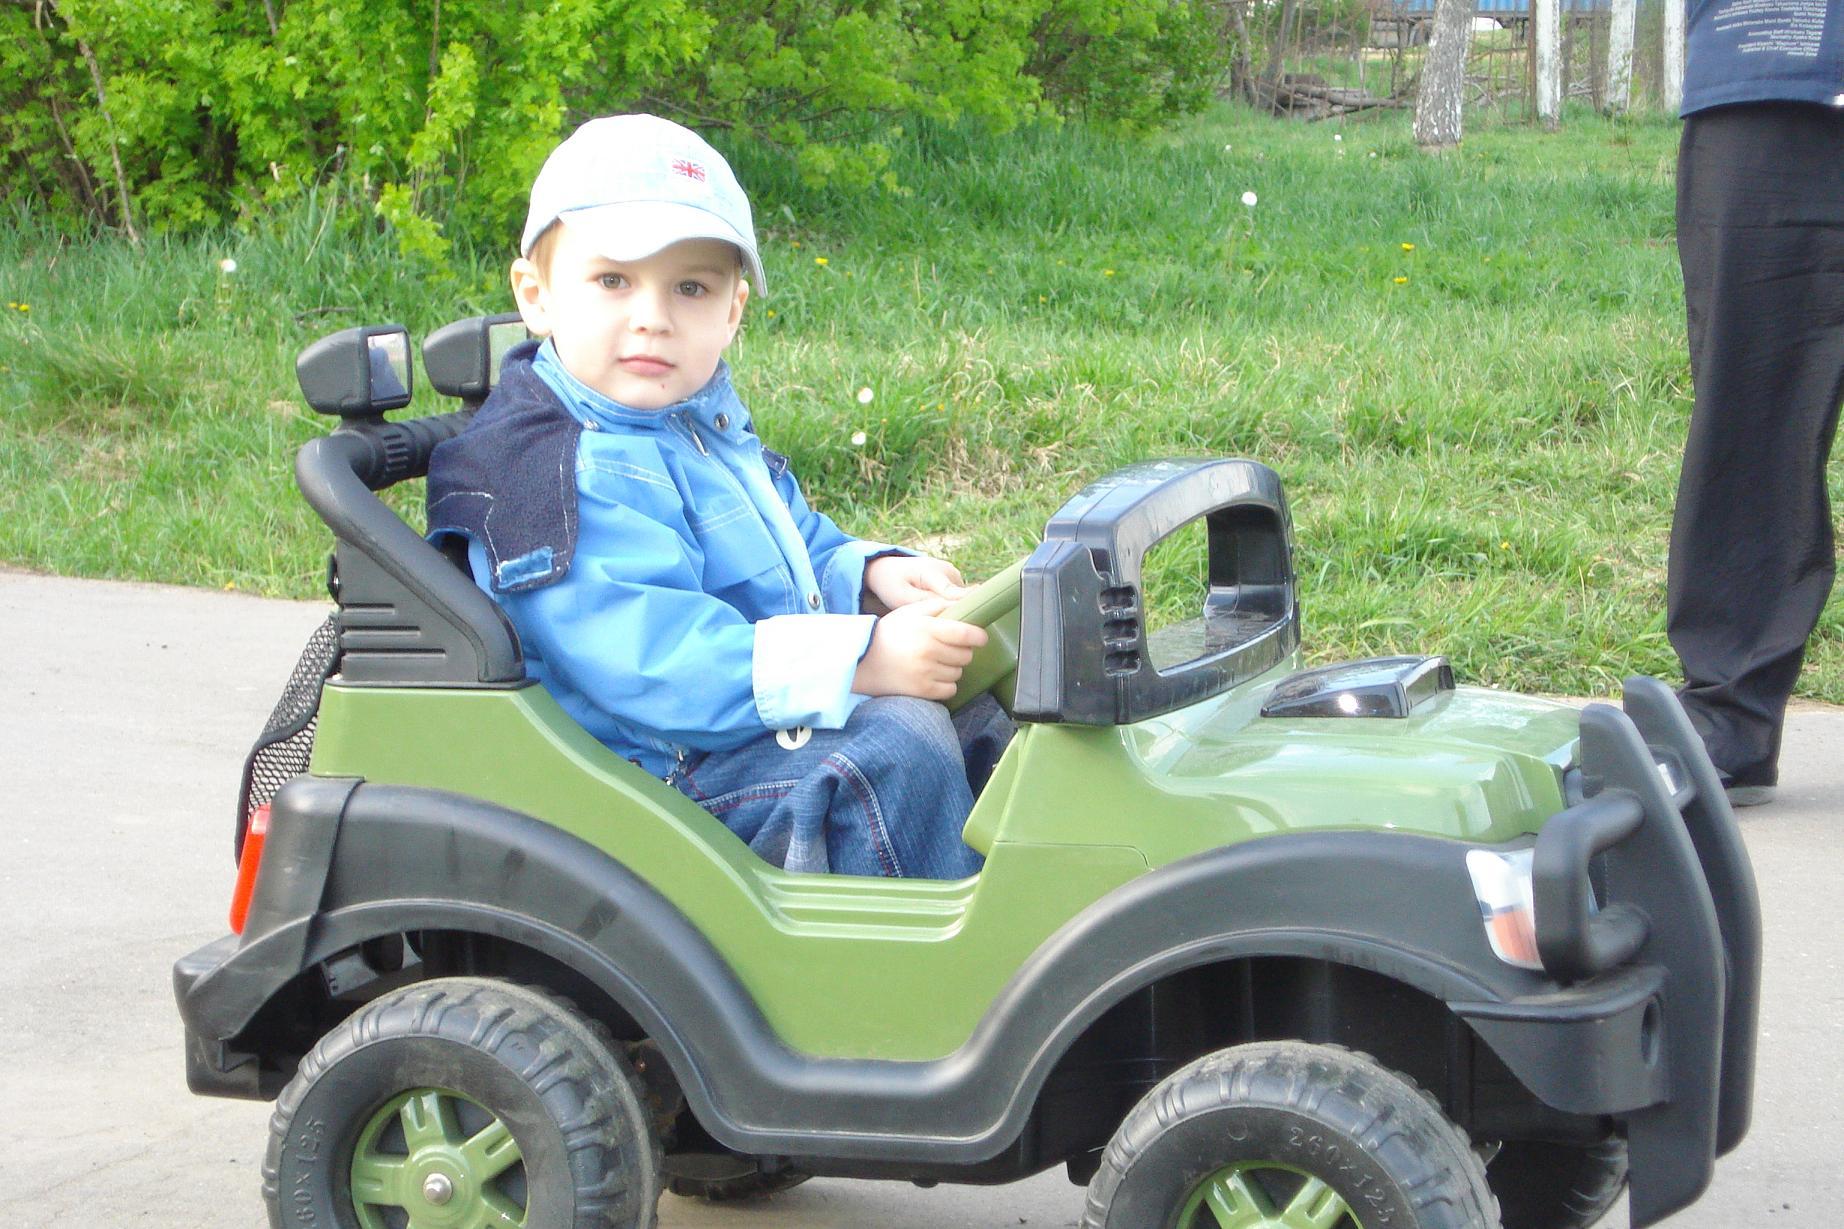 Автомобили, автомобили ужасно все заполонили.... Дети и техника